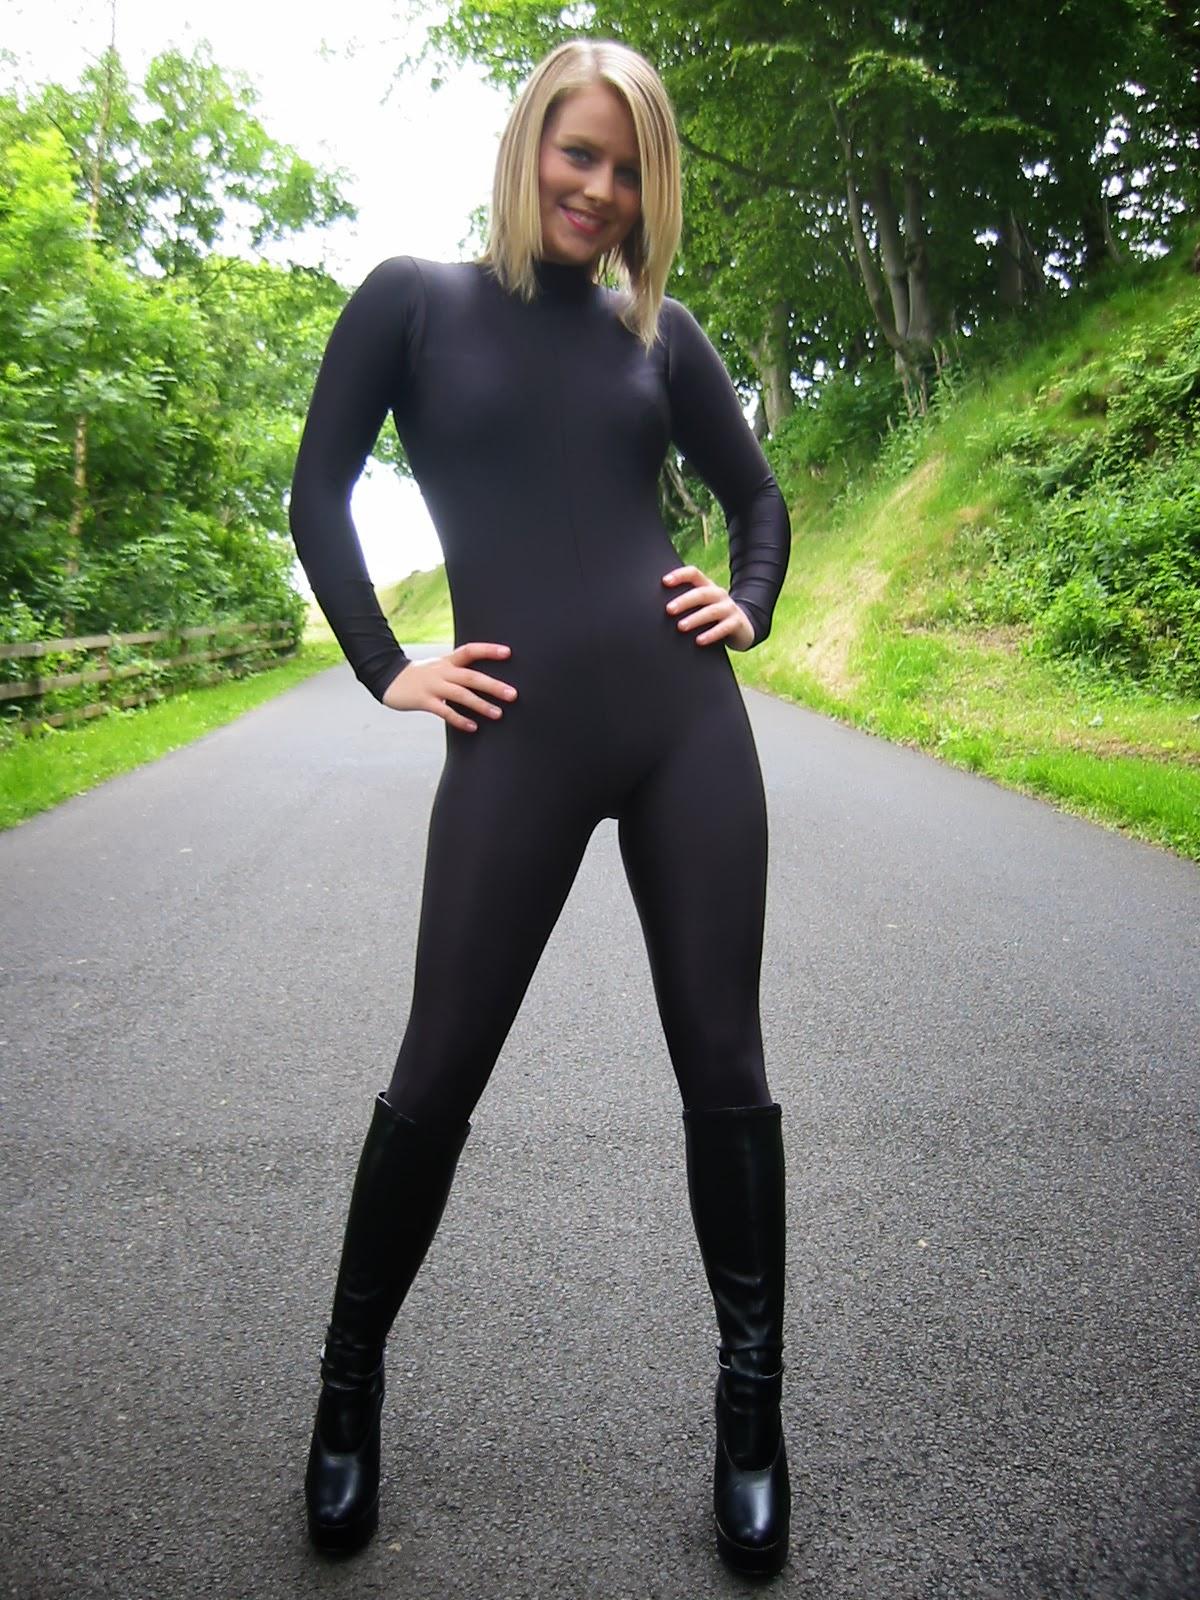 black chick in spandex